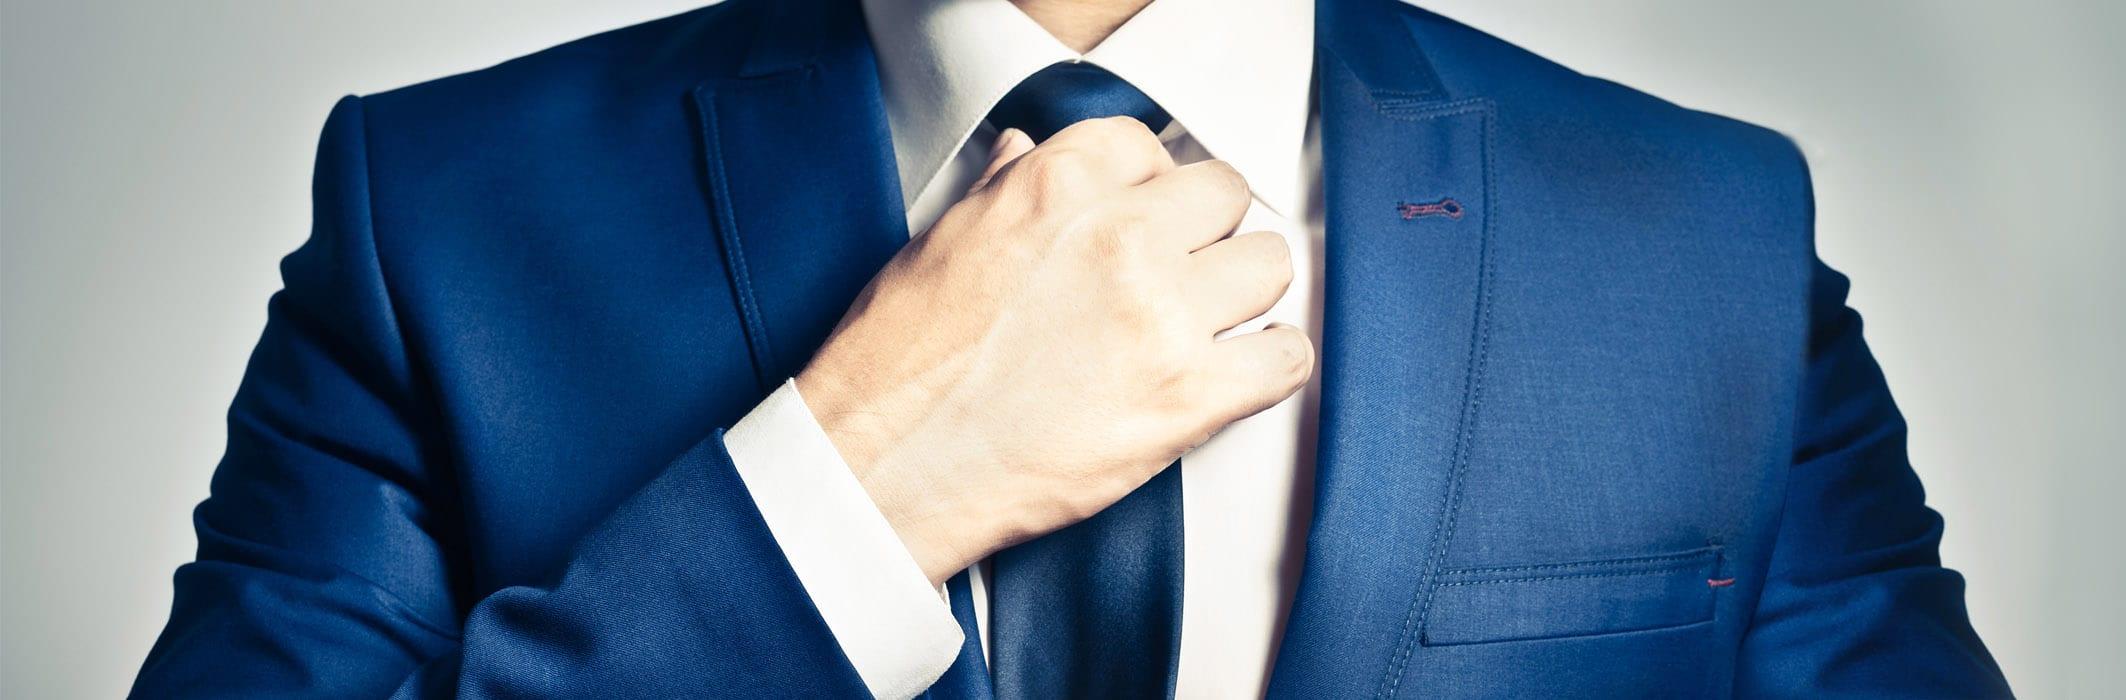 Hotel Deals Dubai for businessman